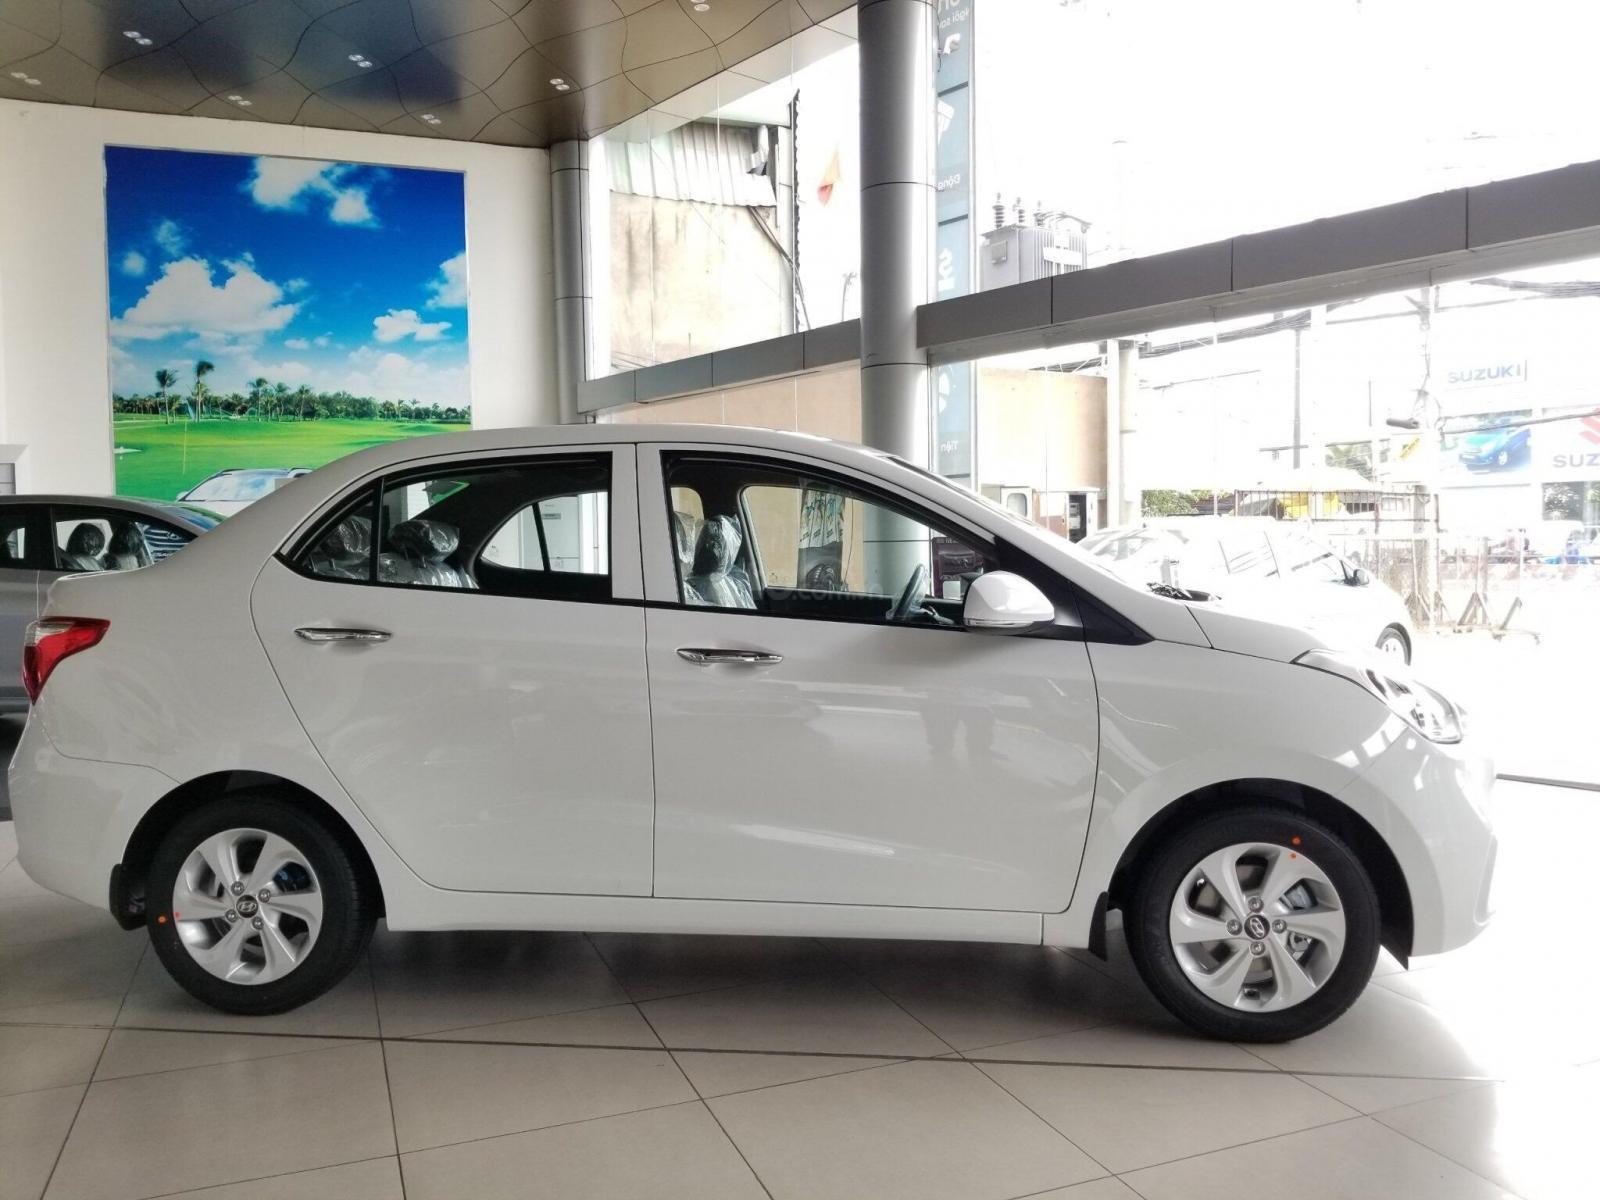 Hyundai I10 giá giảm hết ga - thả ga mua xe - chỉ còn 2 tháng hỗ trợ 50% thuế trước bạ - hỗ trợ ĐK grab (2)